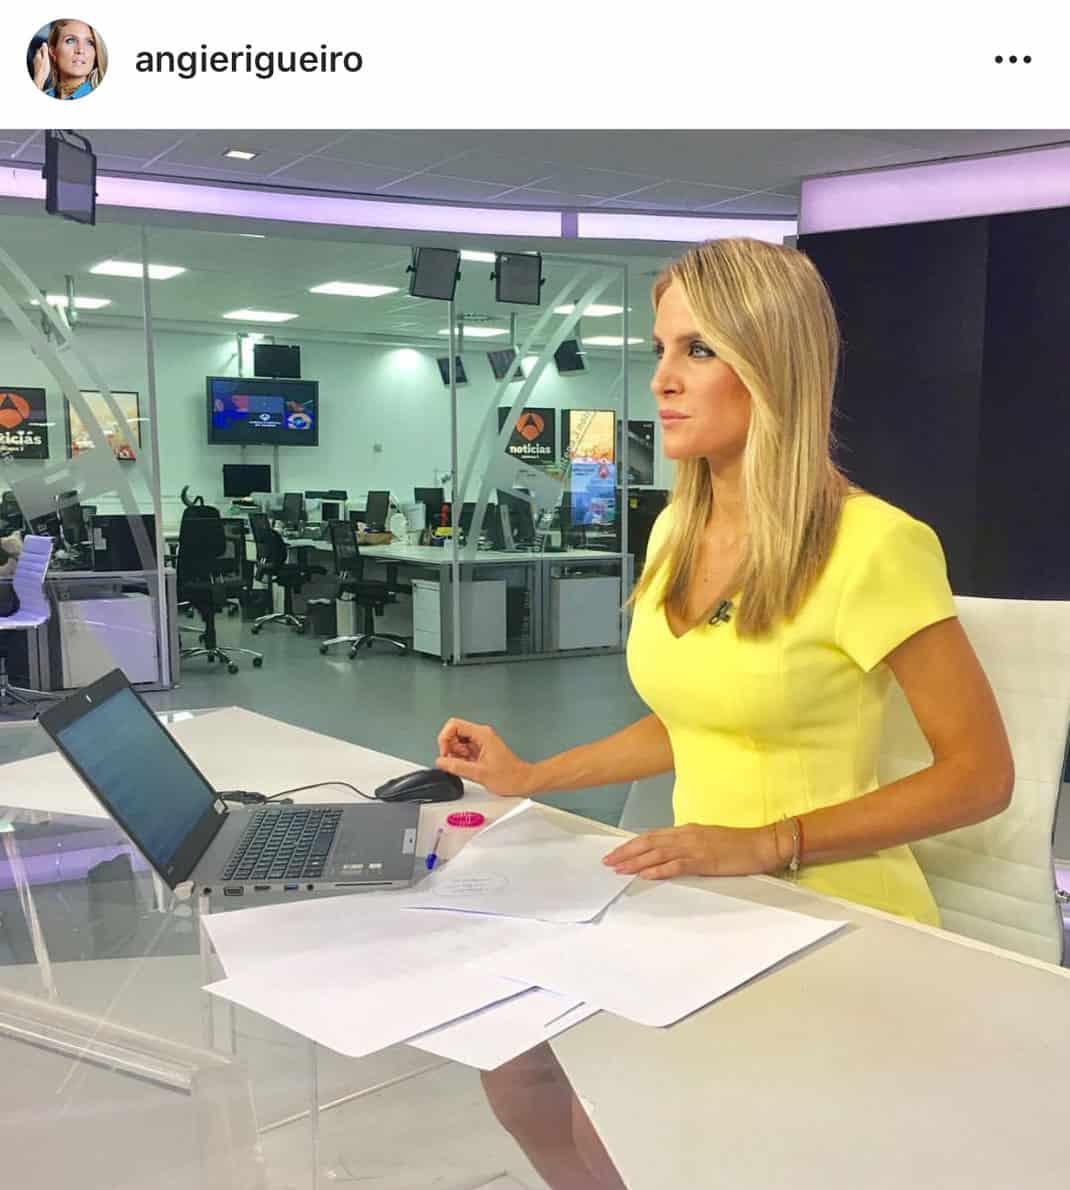 Angie Rigueiro La Presentadora De Televisión Que Triunfa En Instagram